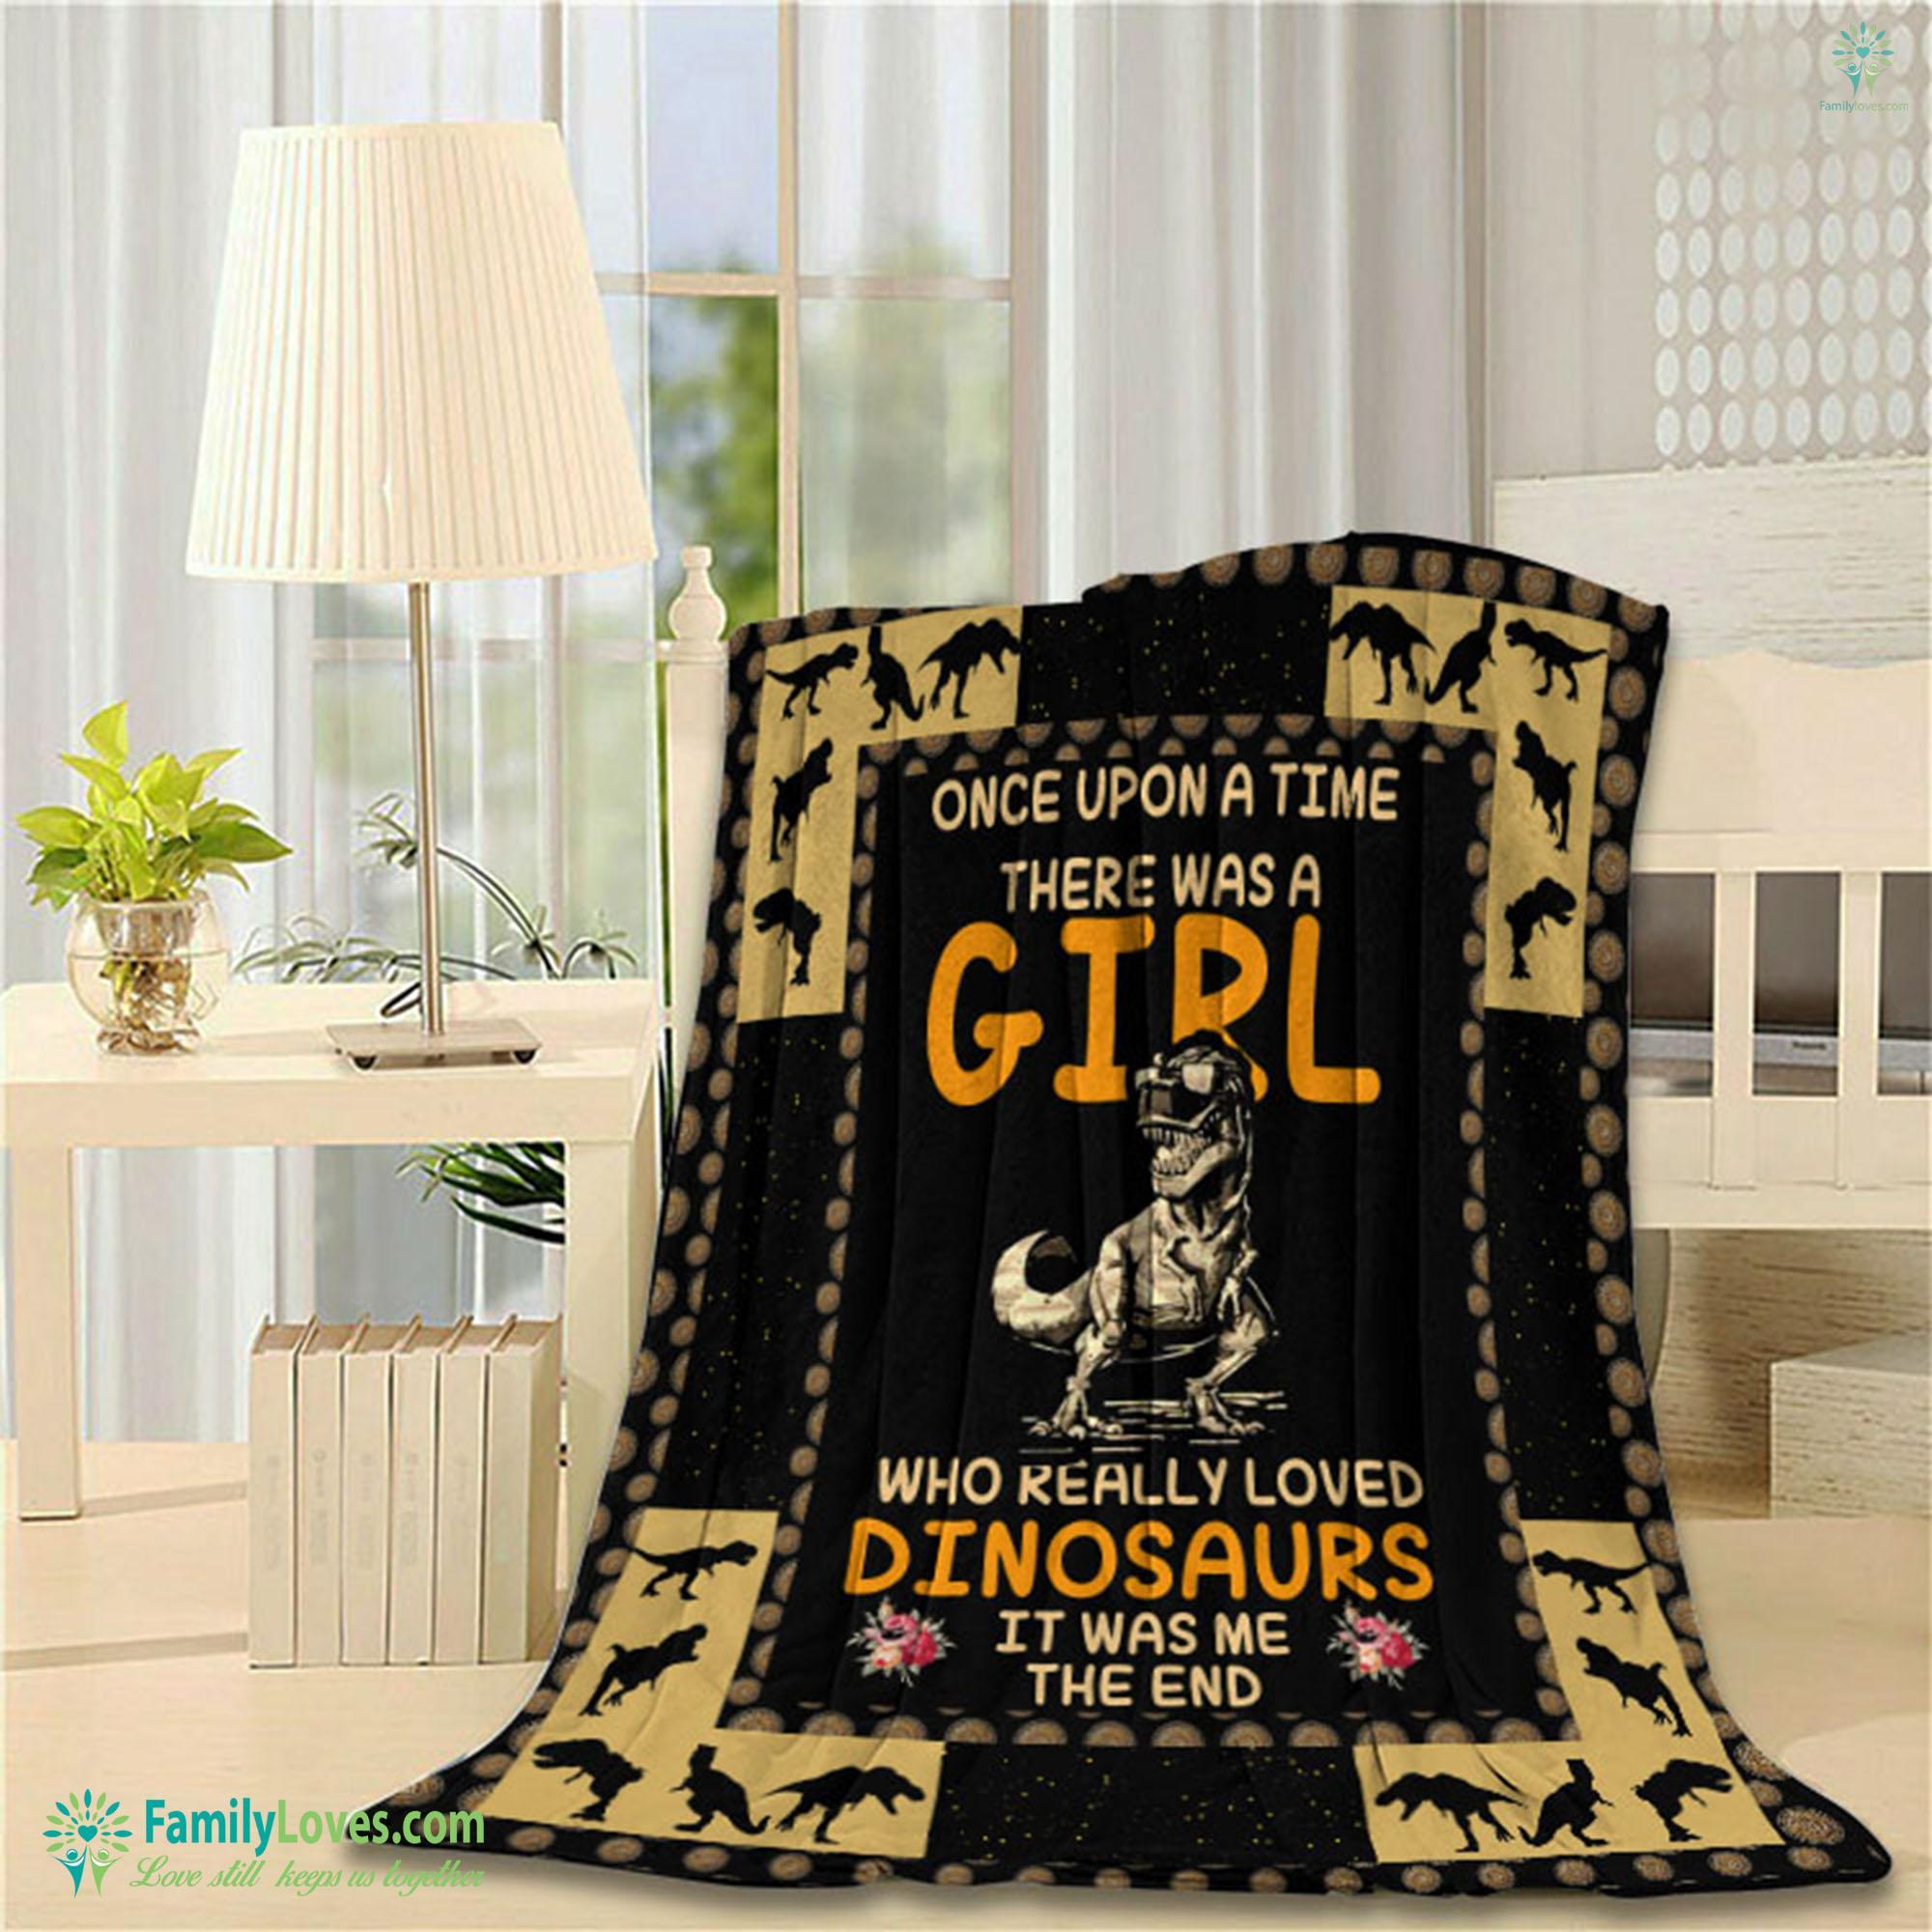 Dinosaur Girl Blanket 7 Familyloves.com